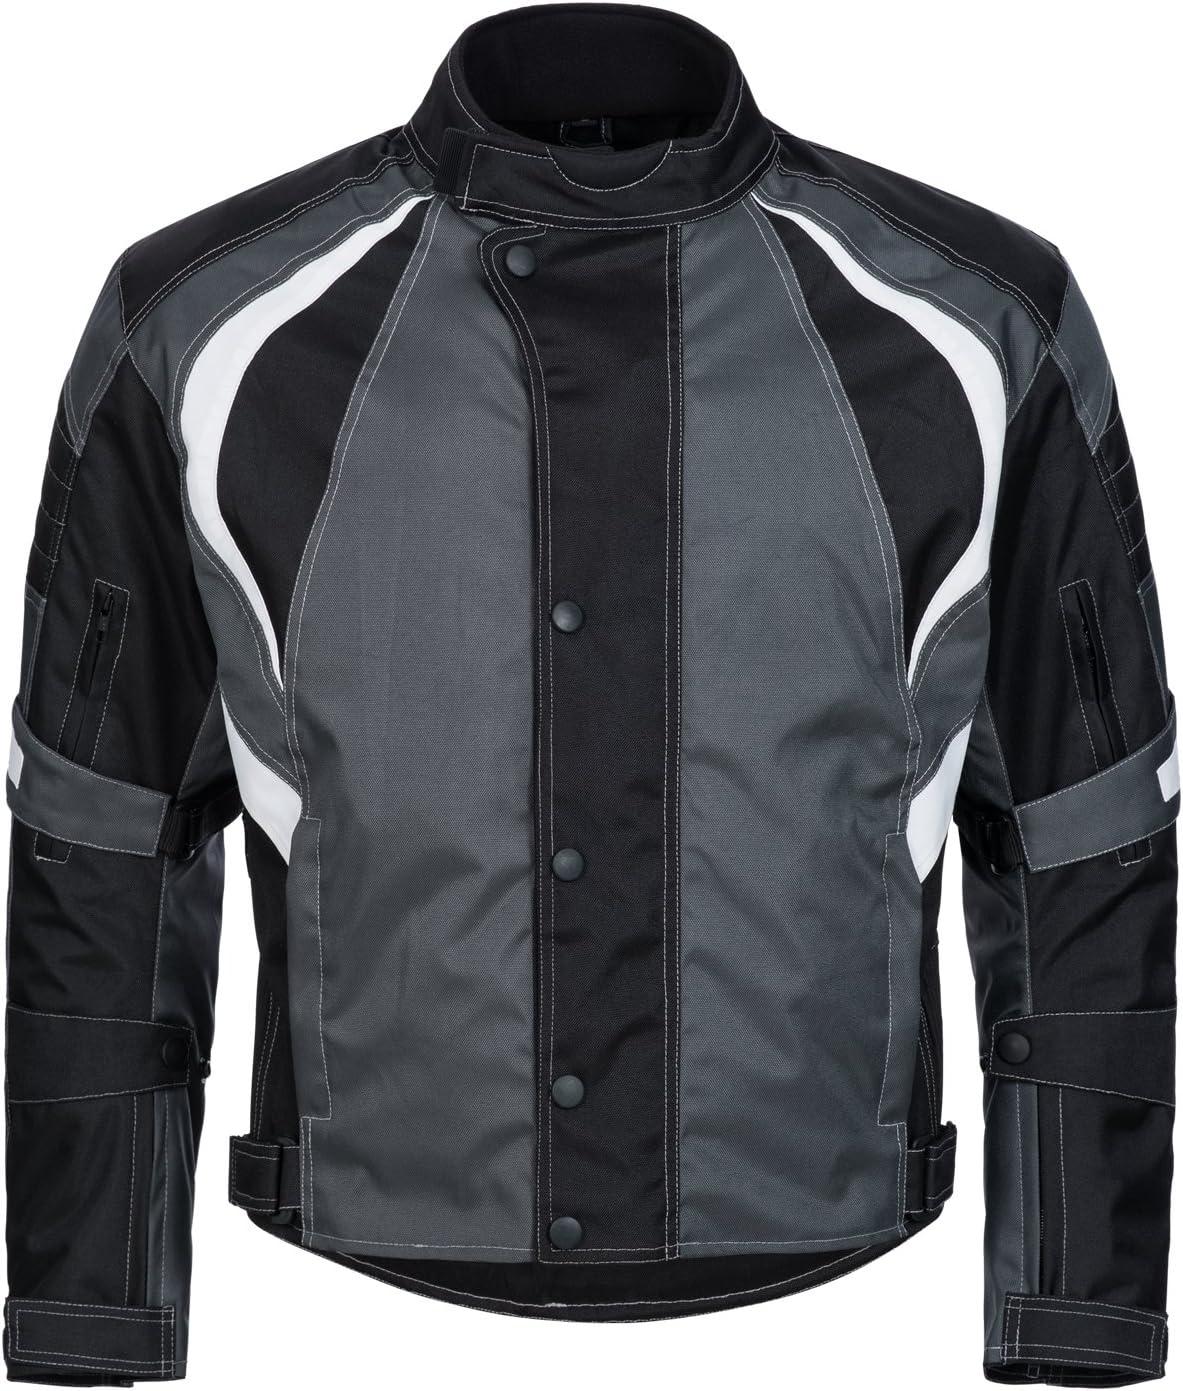 Limitless Herren Motorradjacke Mit Protektoren Textil Motorrad Jacke Aus Cordura Wasserdicht Winddicht Schwarz Grau Weiß 780 Gr 4xl Auto